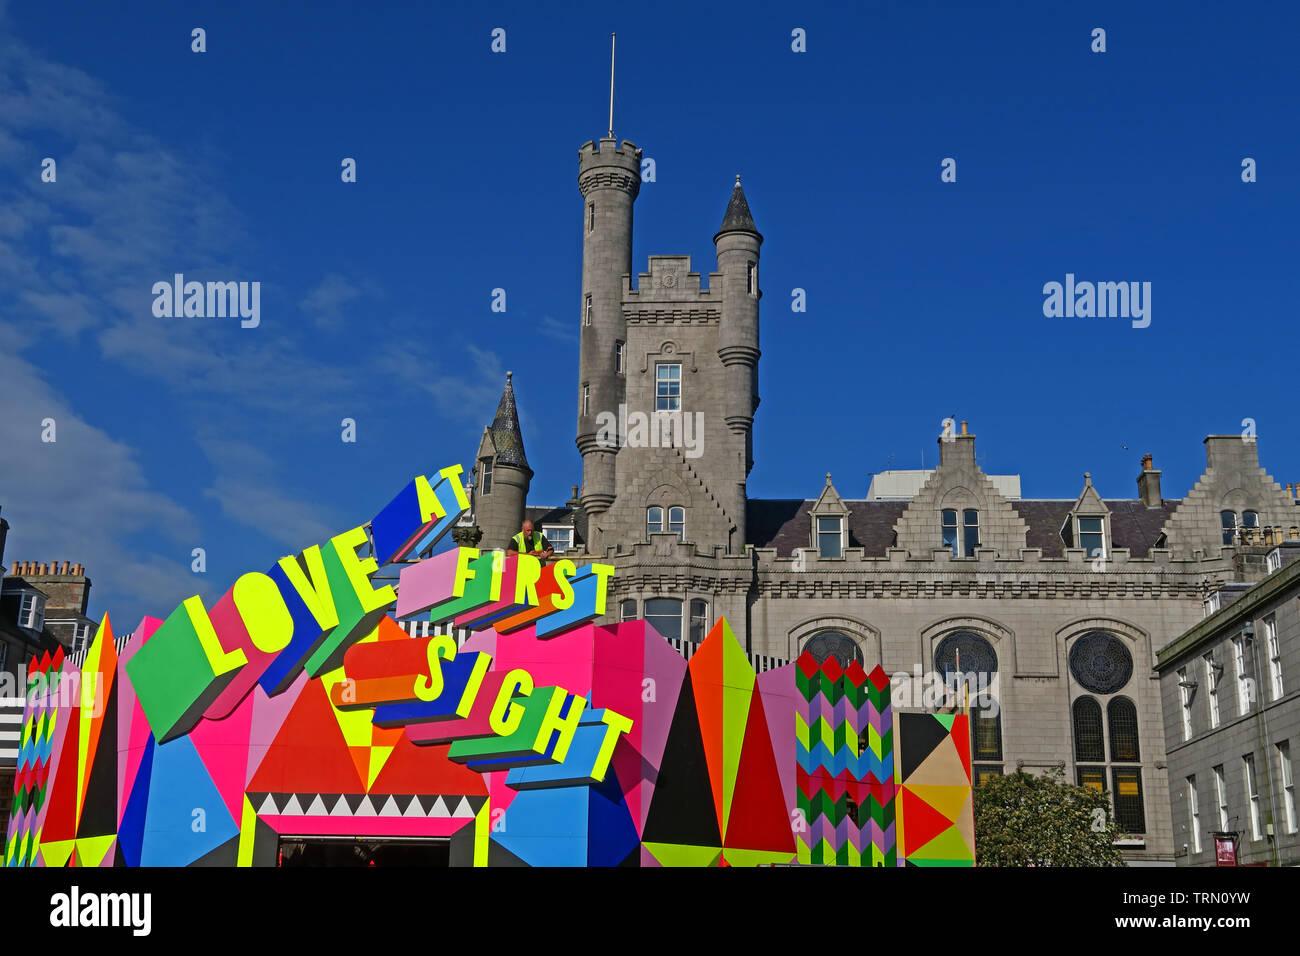 Morag Myerscough installation Love At First Sight in the Mercat, Castlegate, Aberdeen, Scotland, UK - Aberdeen Art Festival 2019 - Stock Image